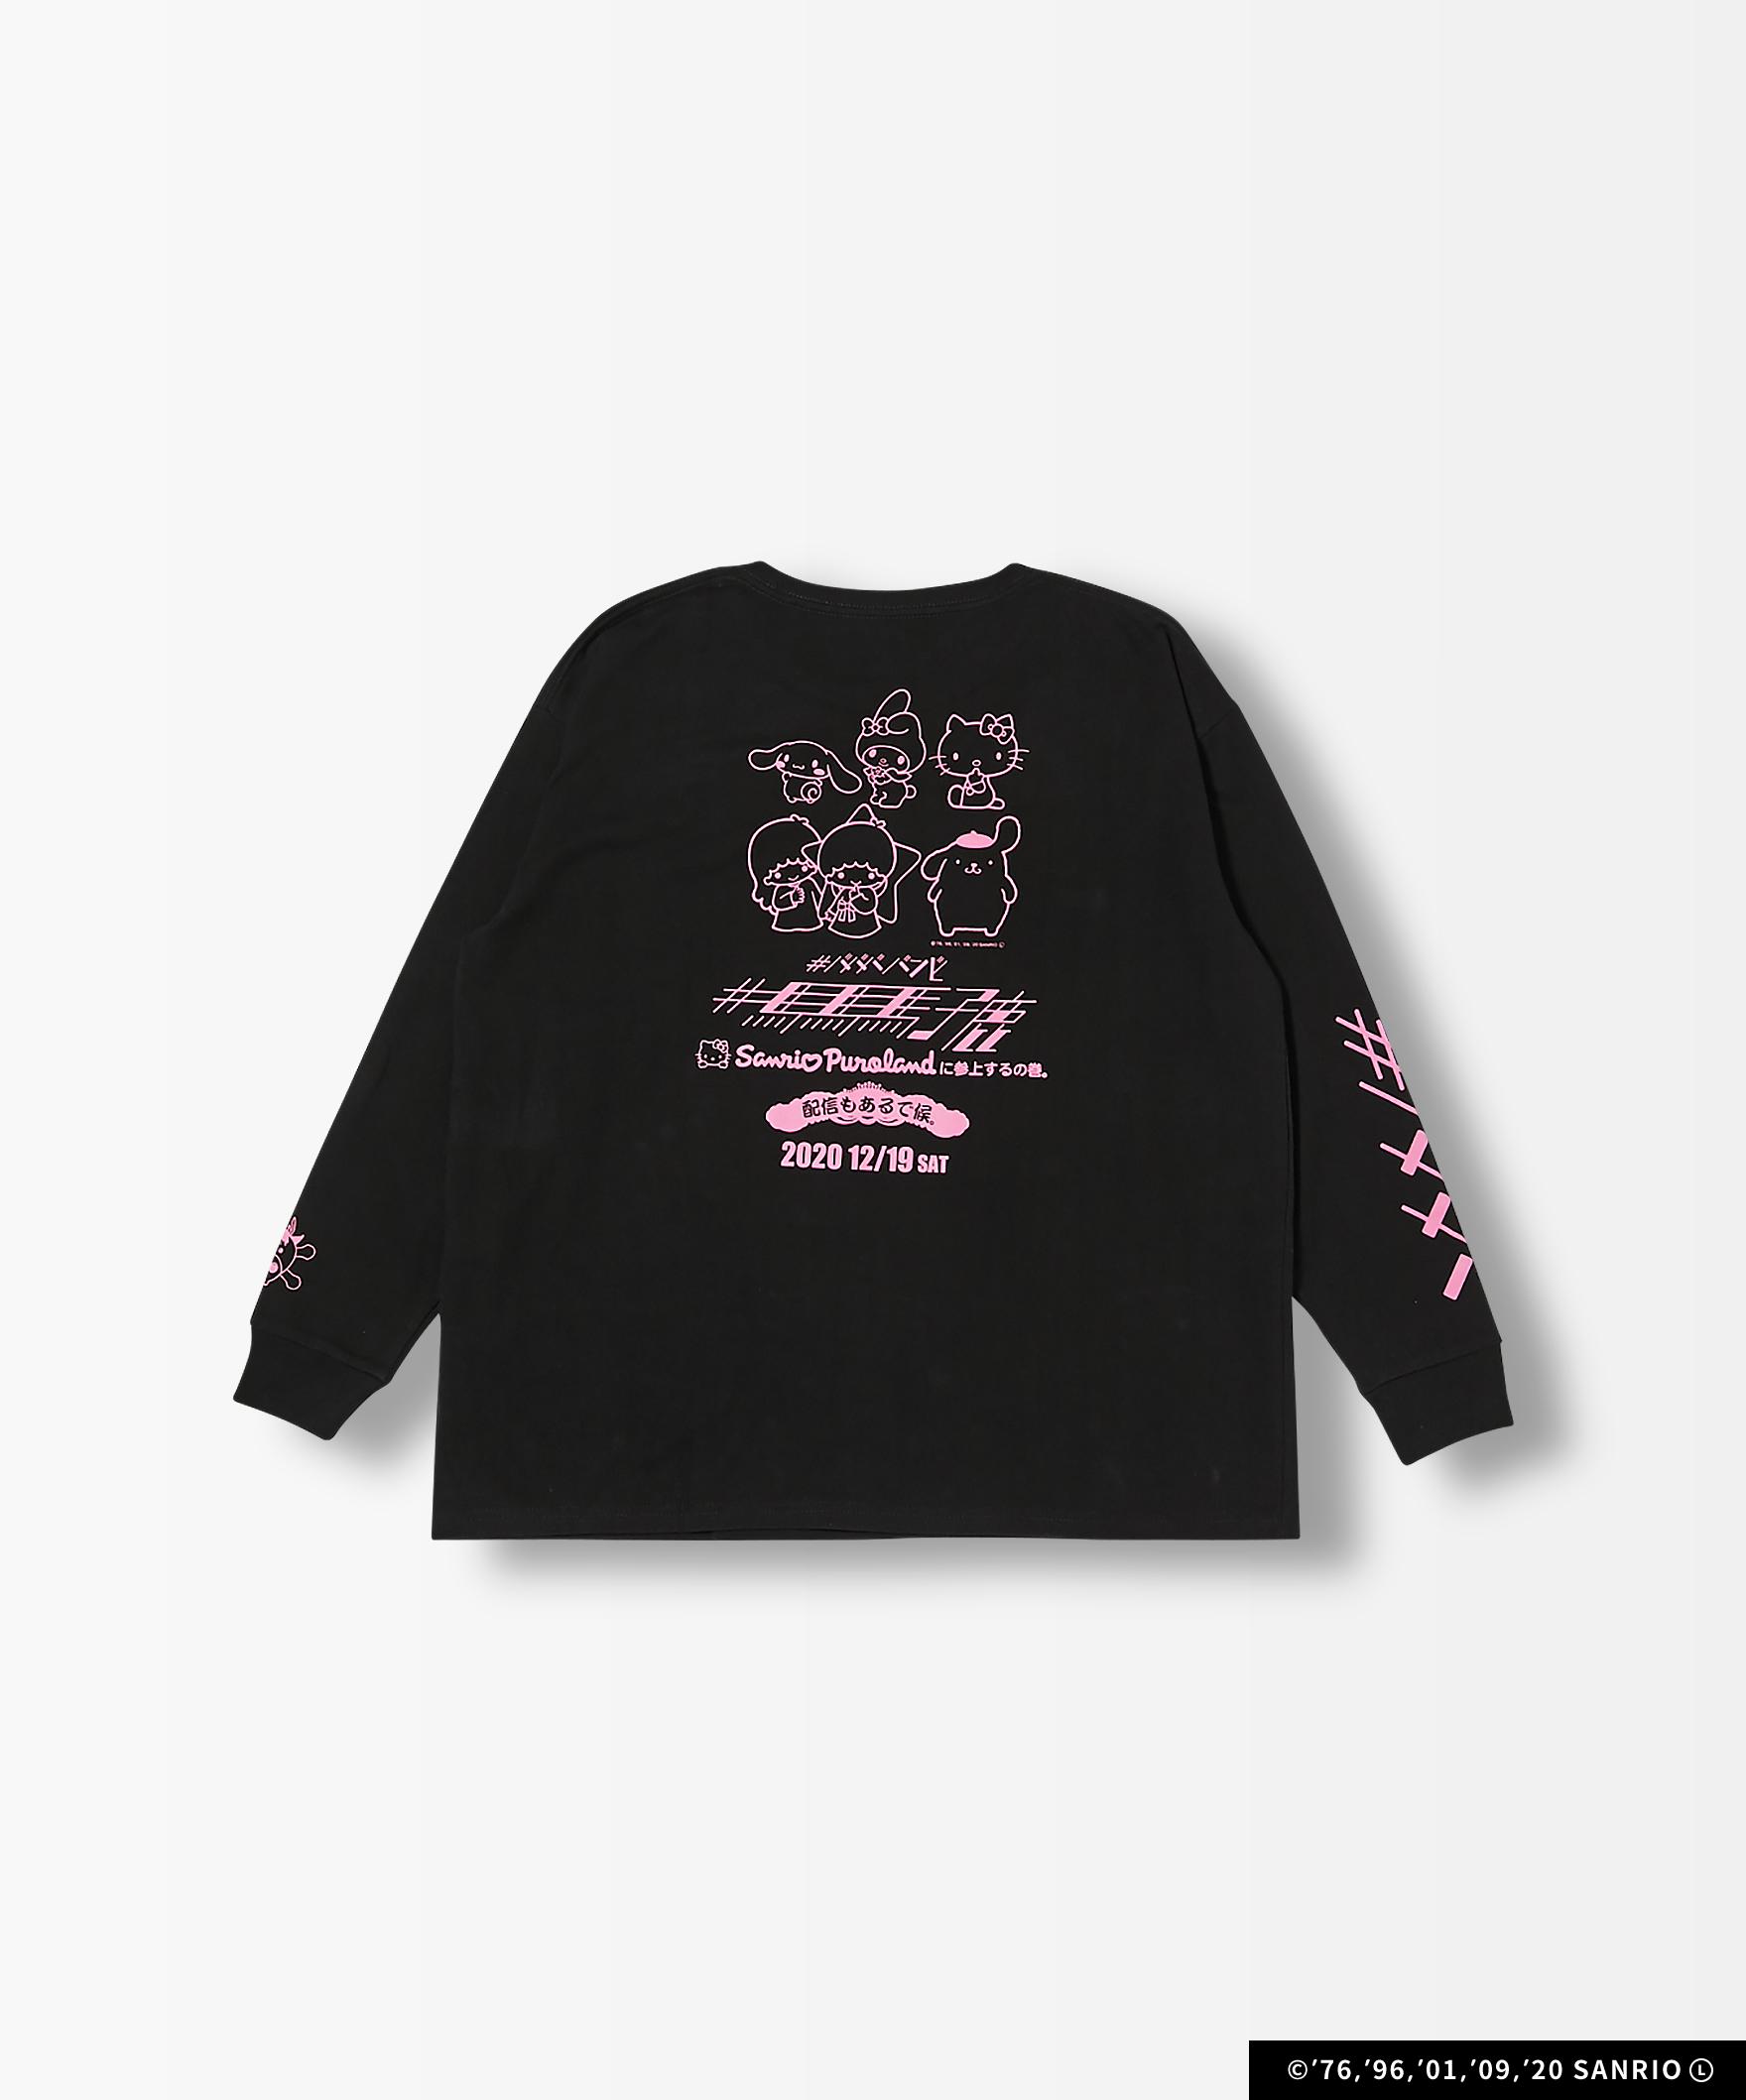 箱推し弾幕ロングTシャツ